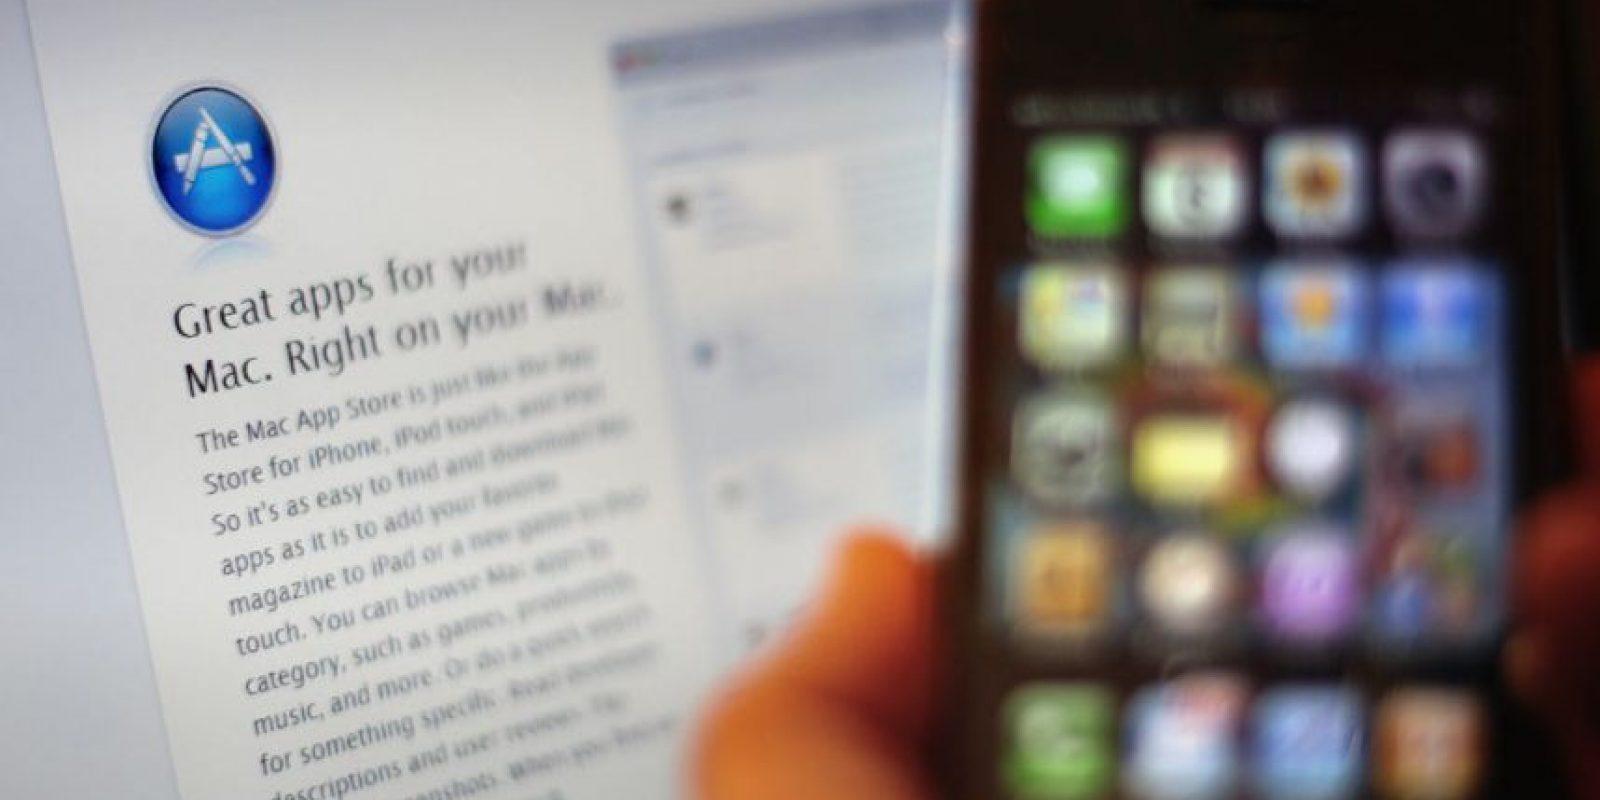 La tienda de aplicaciones de Apple ha protagonizado varias polémicas a lo largo de su historia. Foto:Getty Images